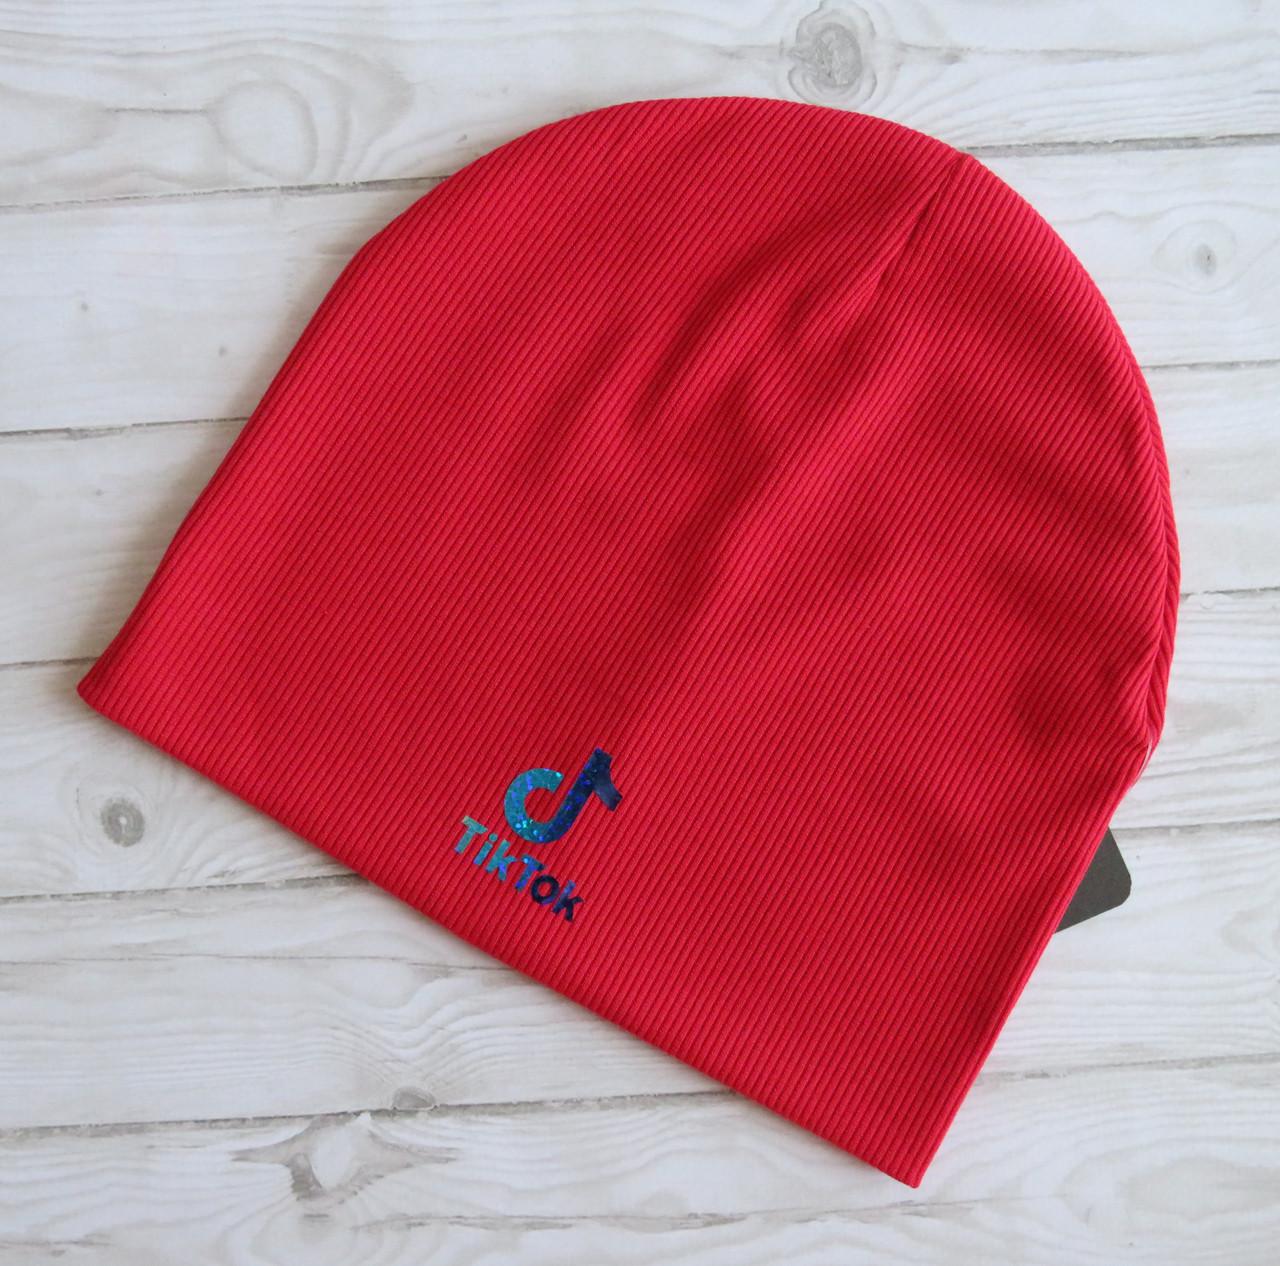 Детская трикотажная шапка TikTok рубчик, красная